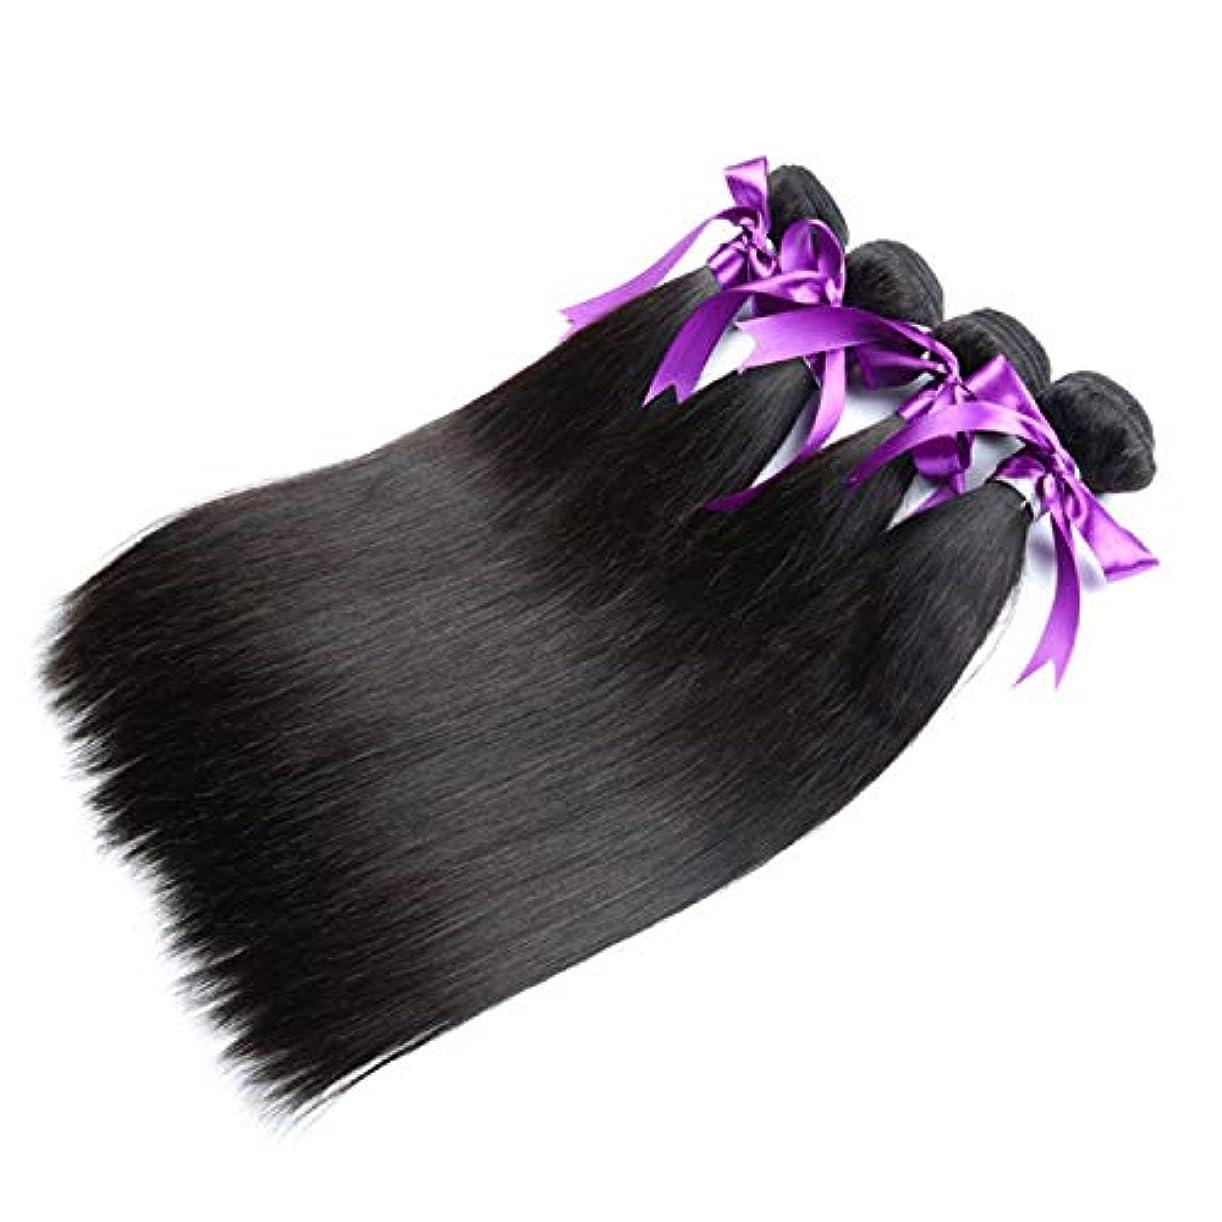 絞る名門オークランドペルーのストレートヘア4本の人間の髪の毛の束非レミーの毛の延長ナチュラルブラック (Length : 8 8 10 10)